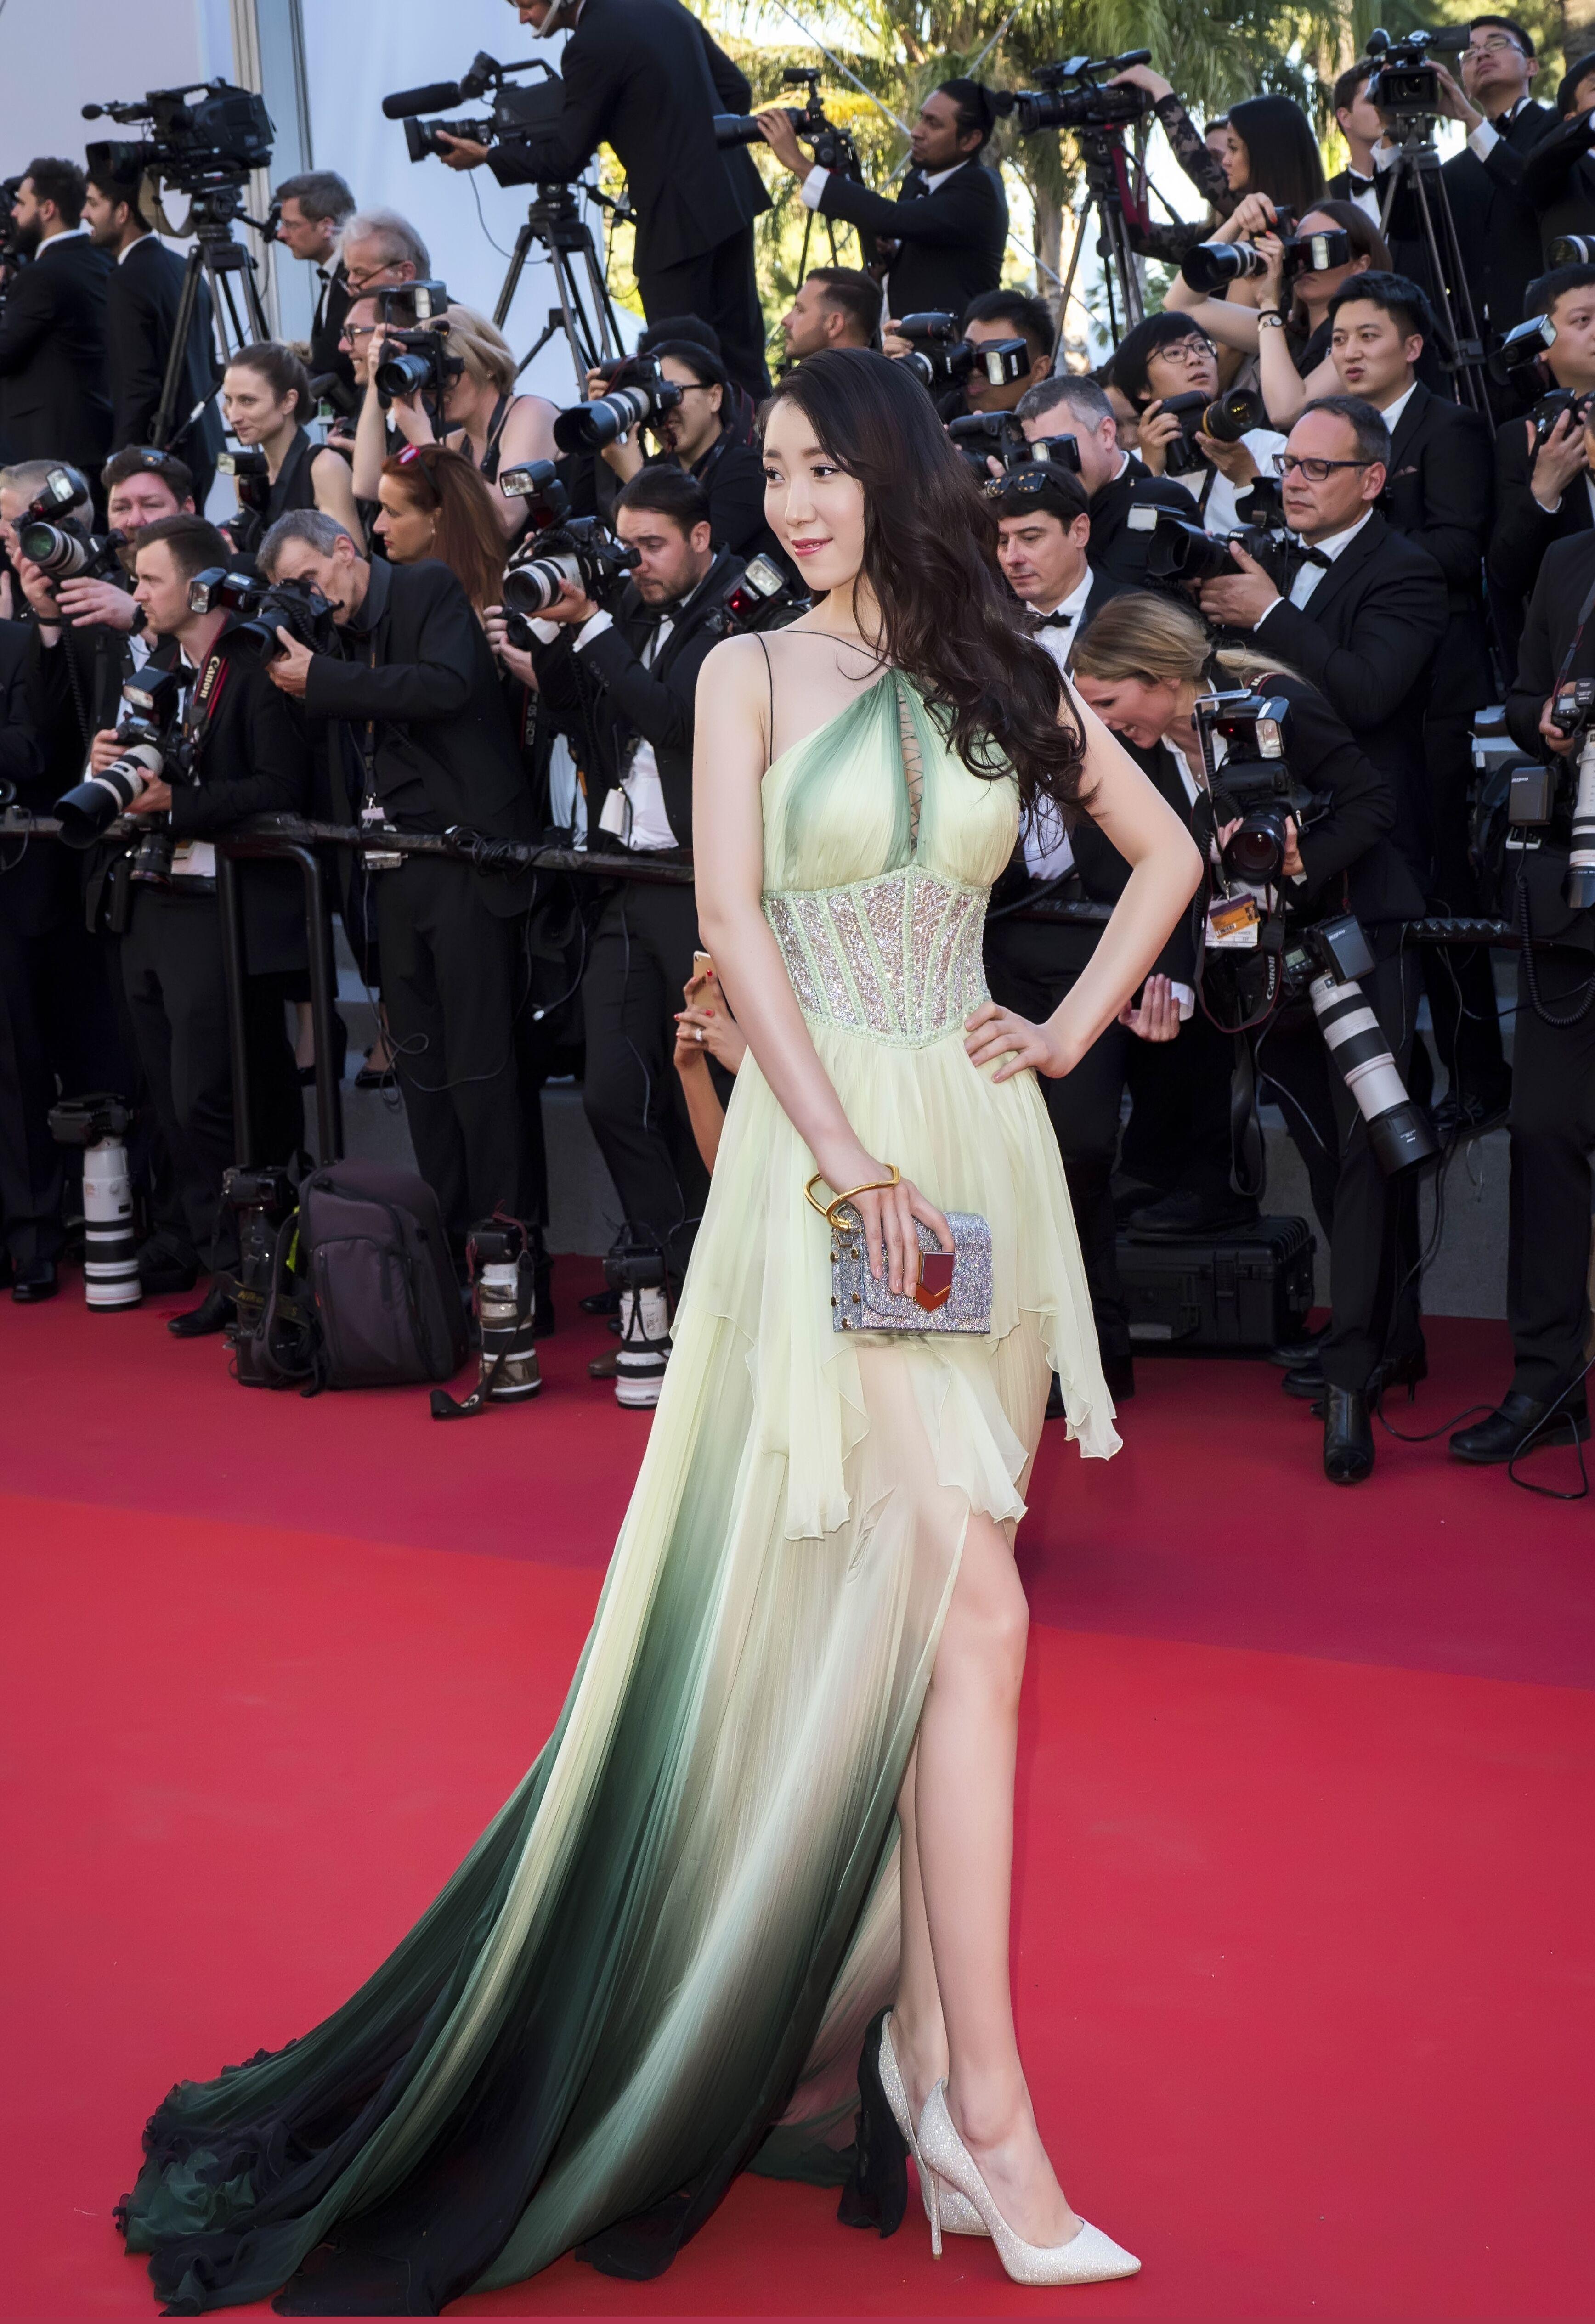 李智雪受邀出席戛纳电影节 长裙亮相红地毯成焦点